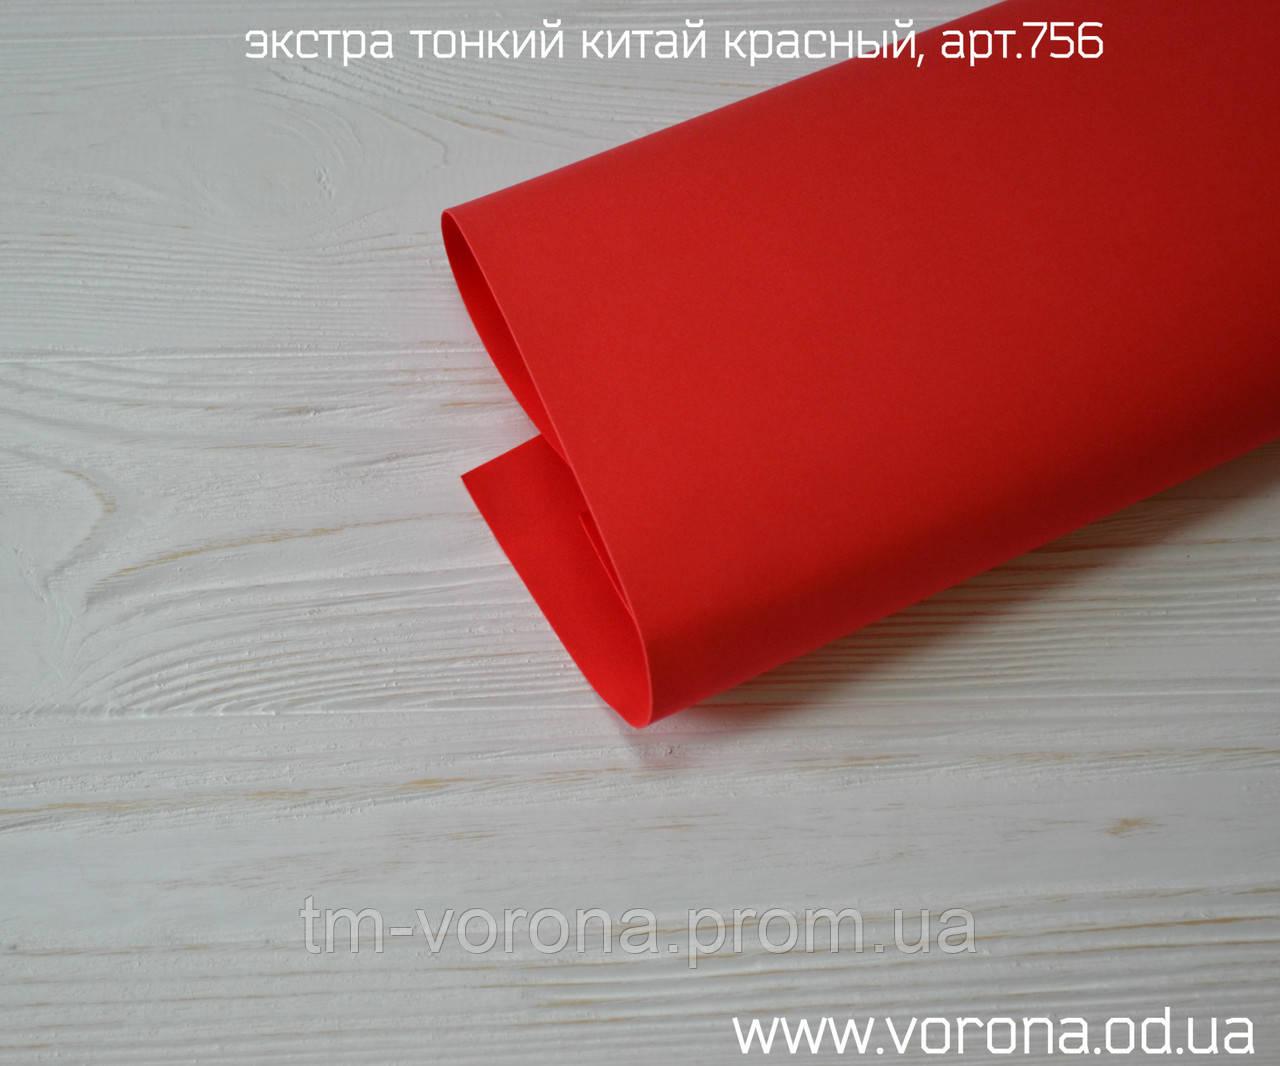 Китайский экстра тонкий фоамиран (красный)